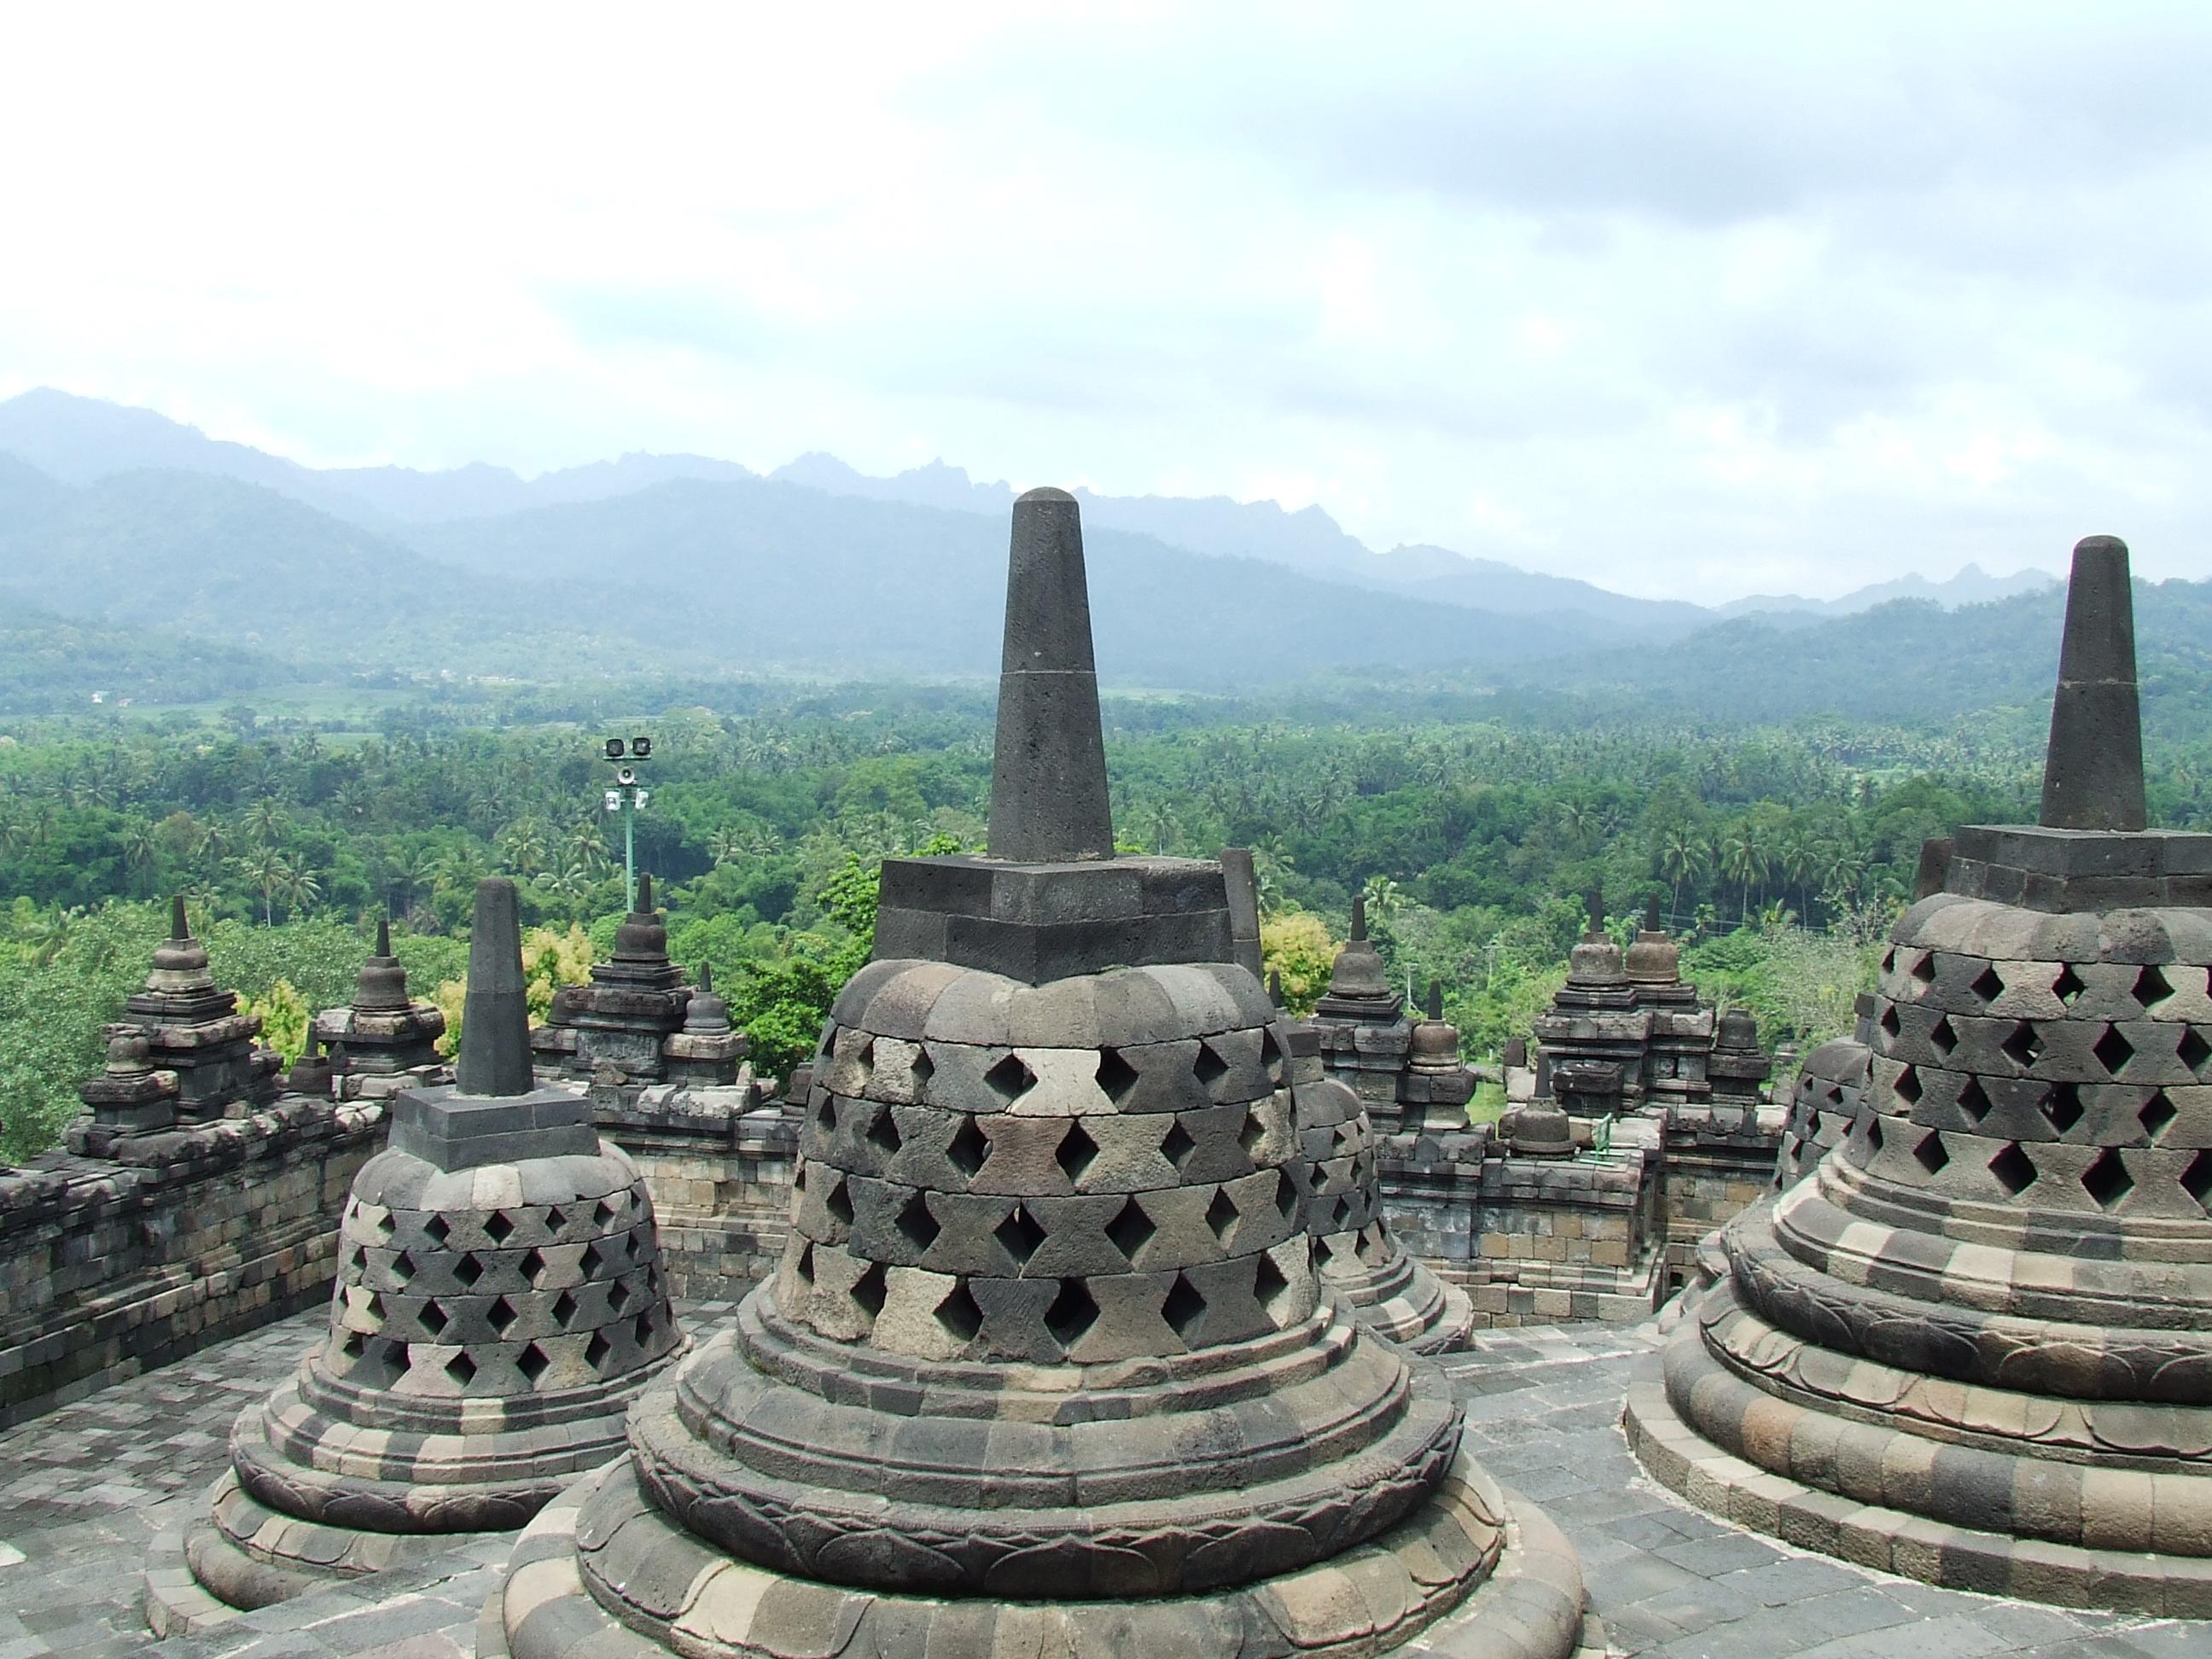 Drevna arhitektura Borobudur_2008